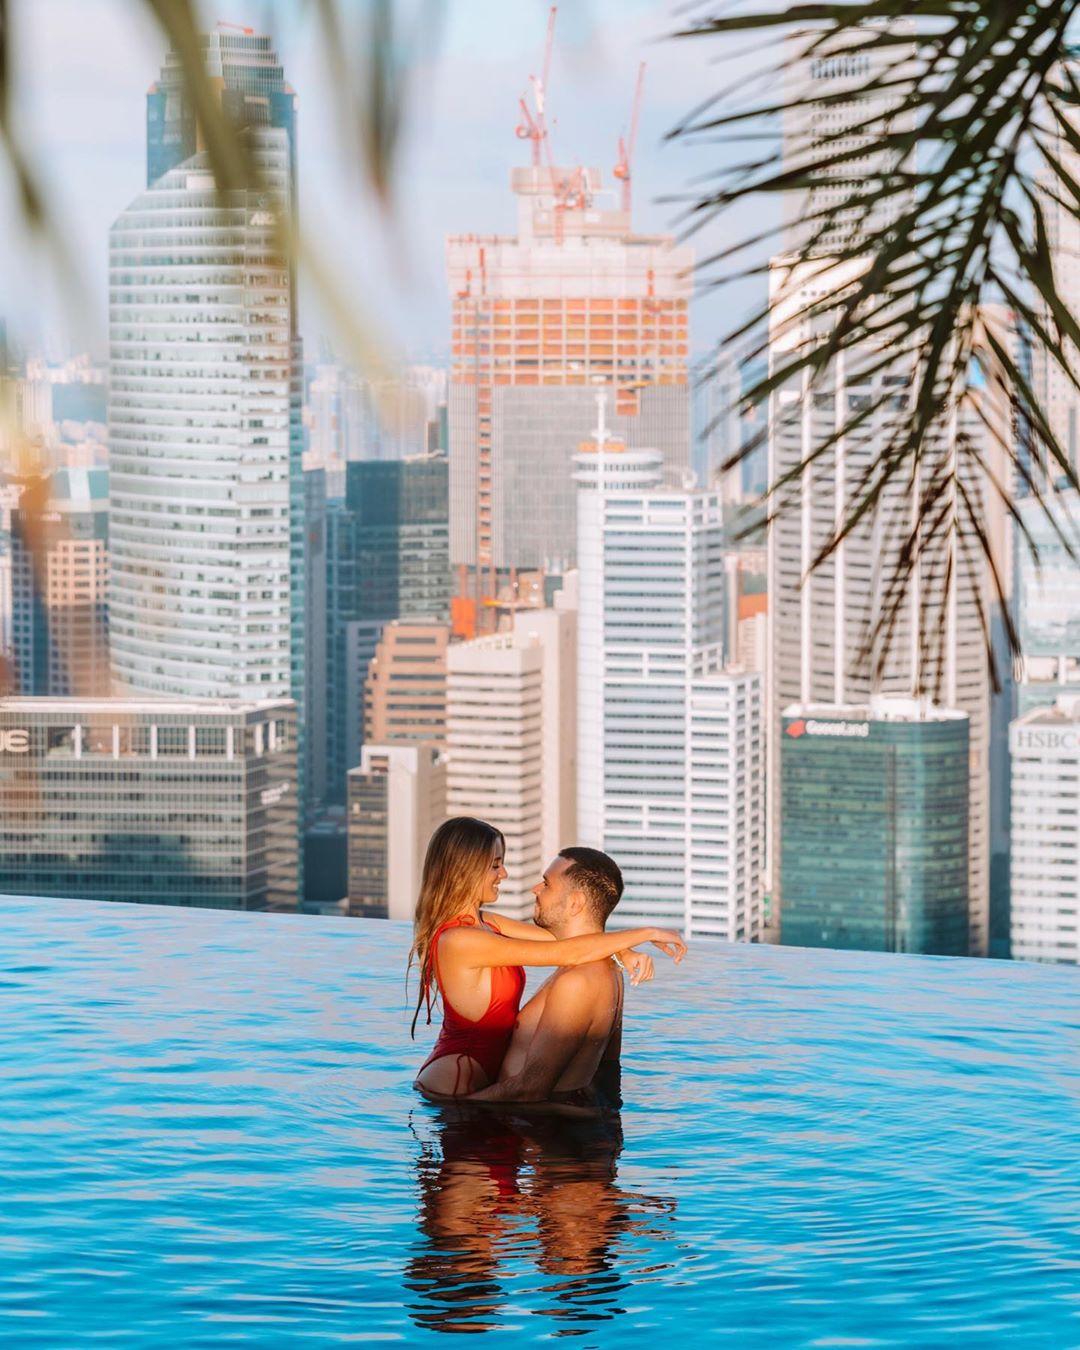 Infinity pool di Marina Bay Sands, Singapura. Instagram @zippyzipeng